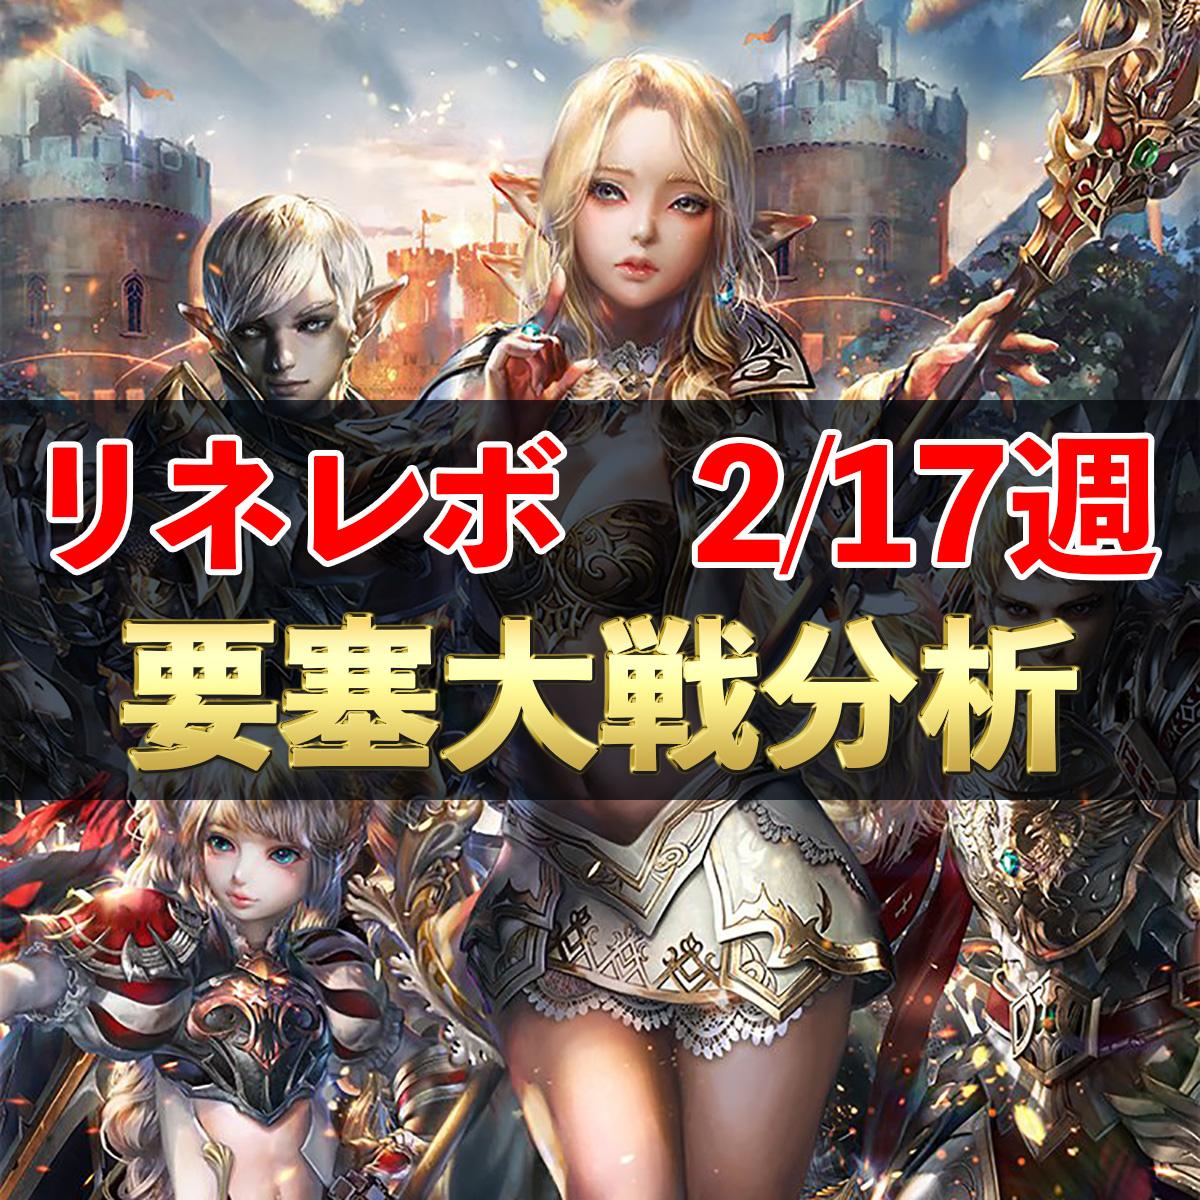 【リネレボ】2/17週 要塞大戦戦績分析